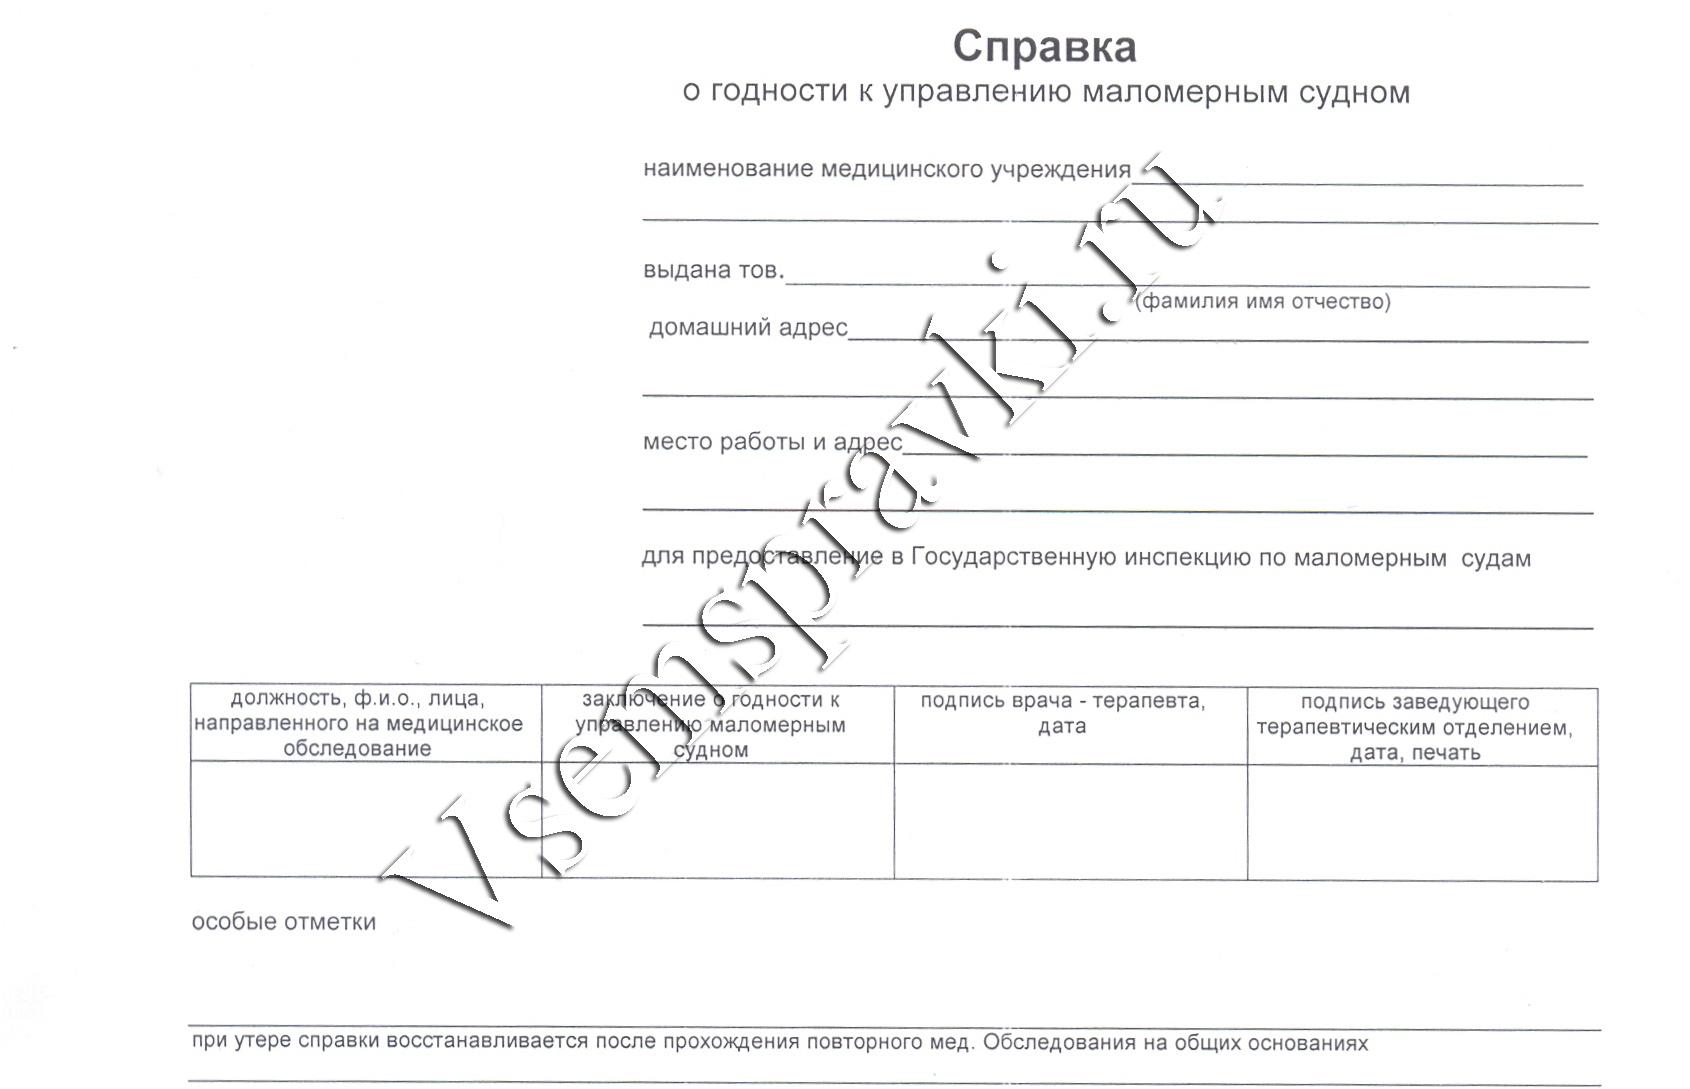 Медицинская справка для управления маломерными судами форма 083/у Справка из наркологического диспансера Беляево